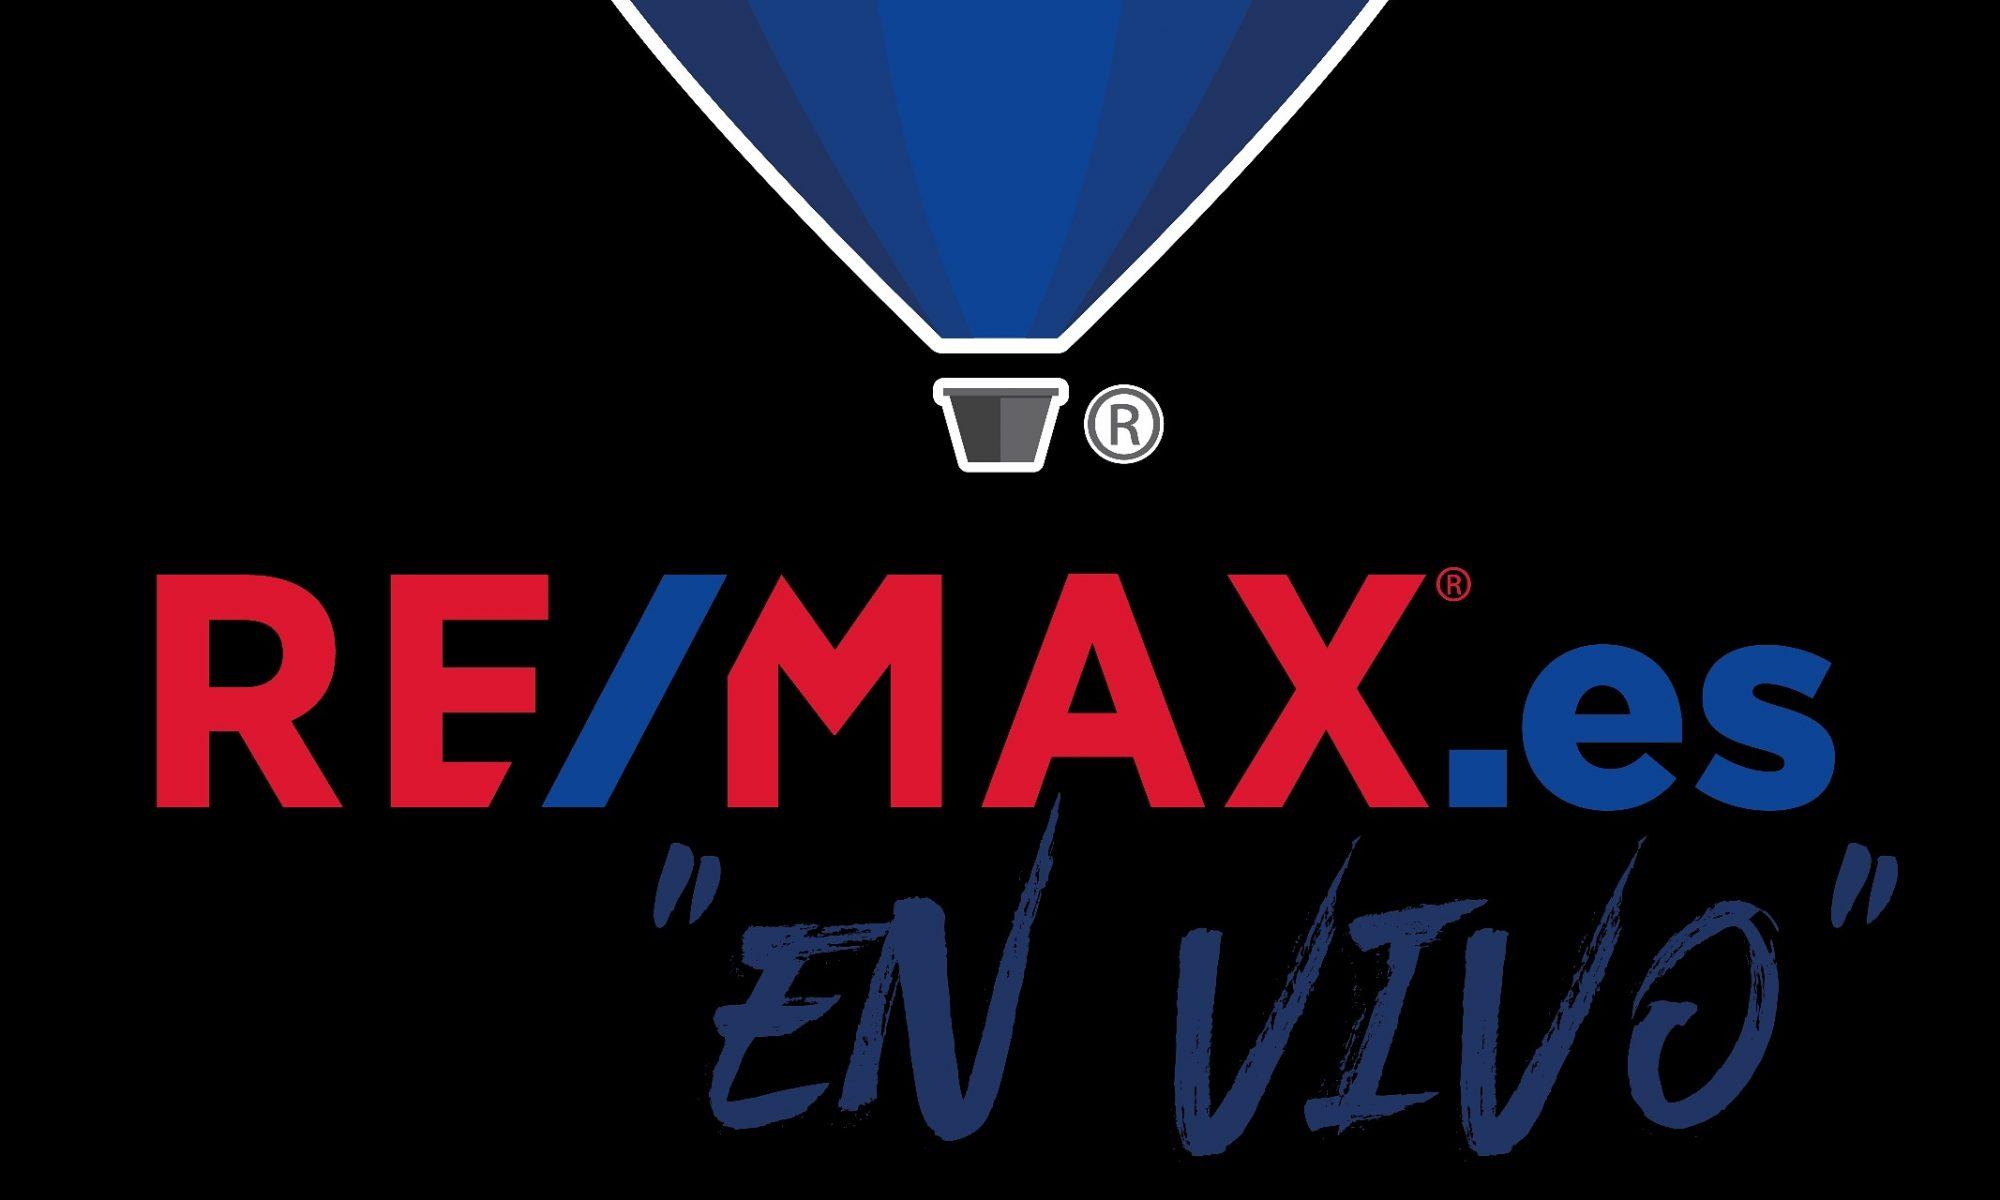 RE/MAX en vivo